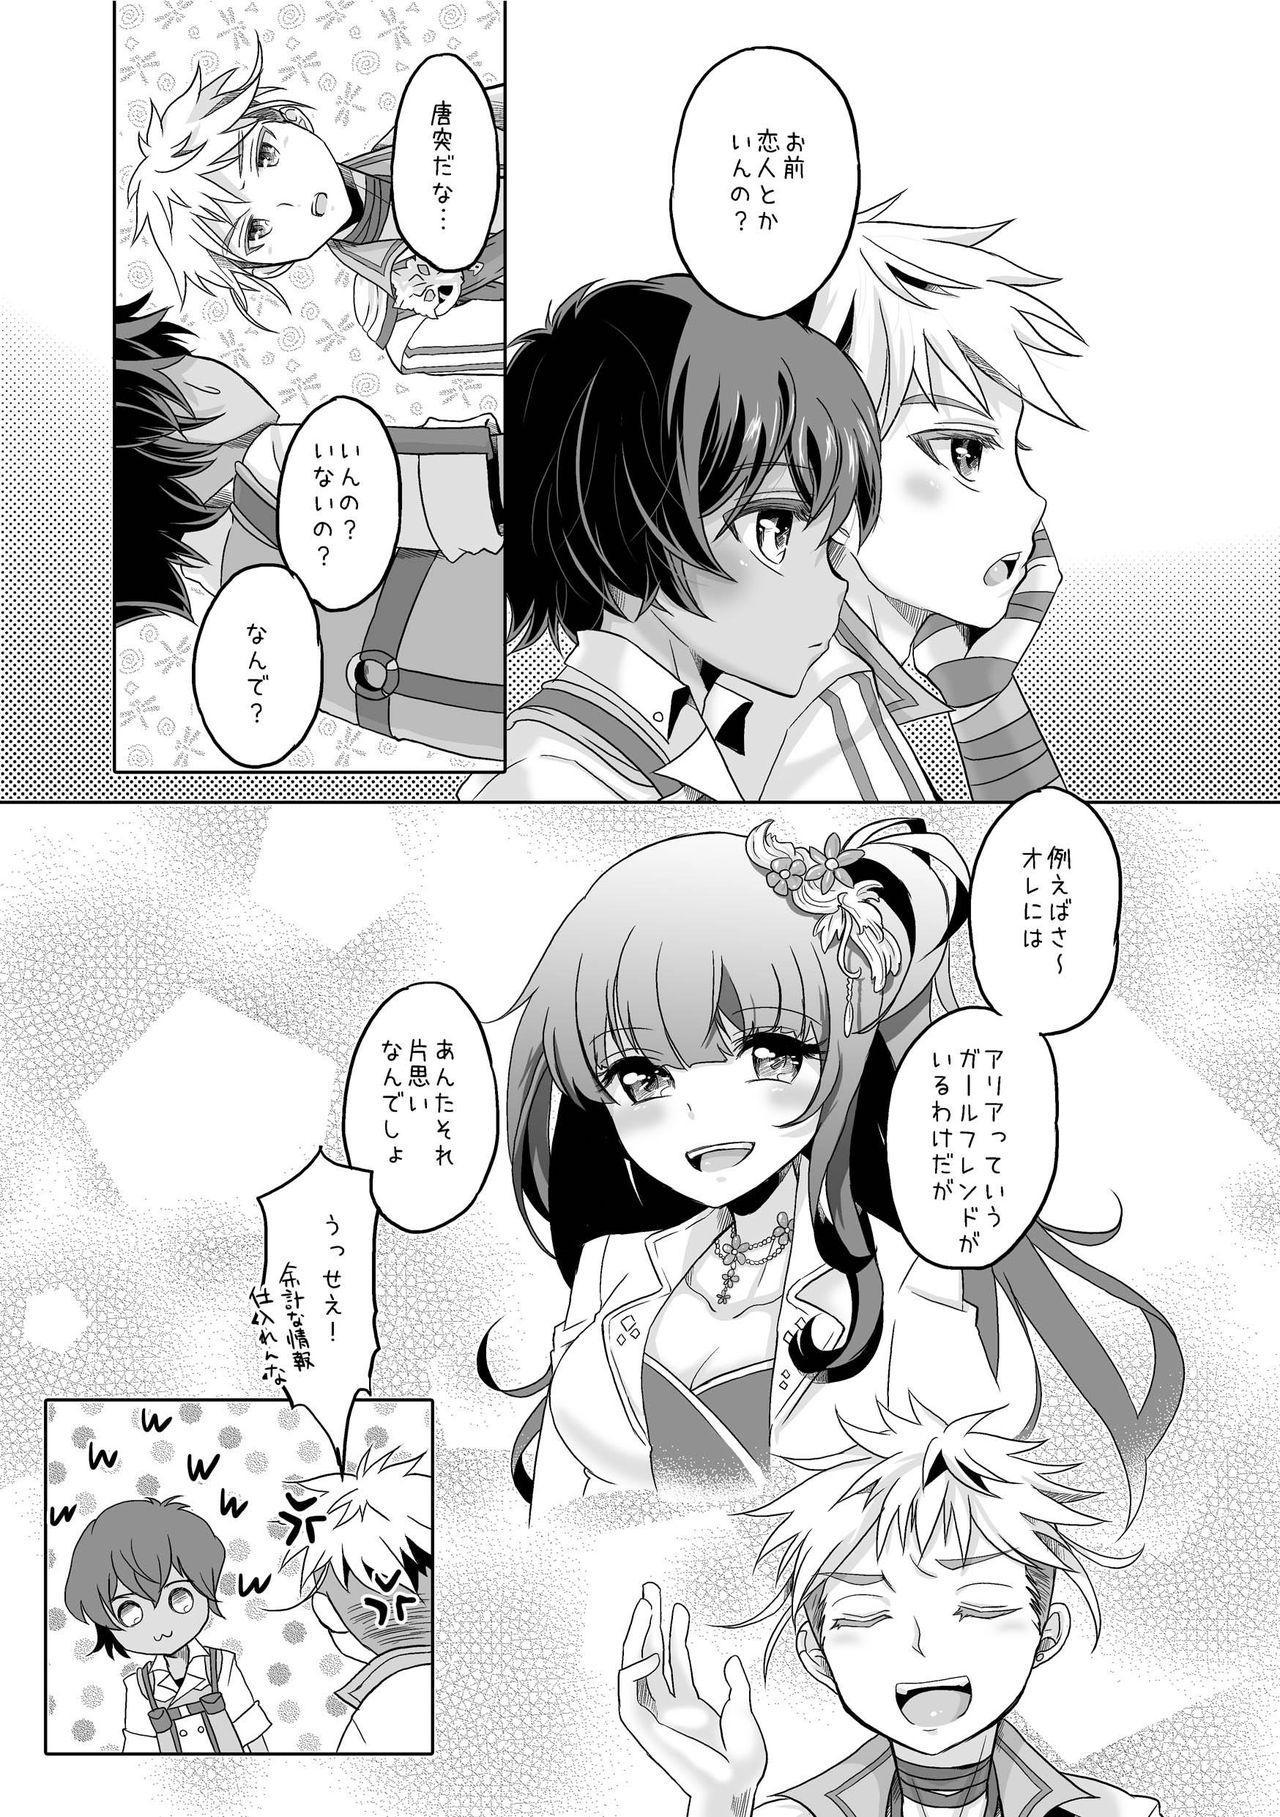 Kimi to Ikusen no Yoru o Sugosou 6